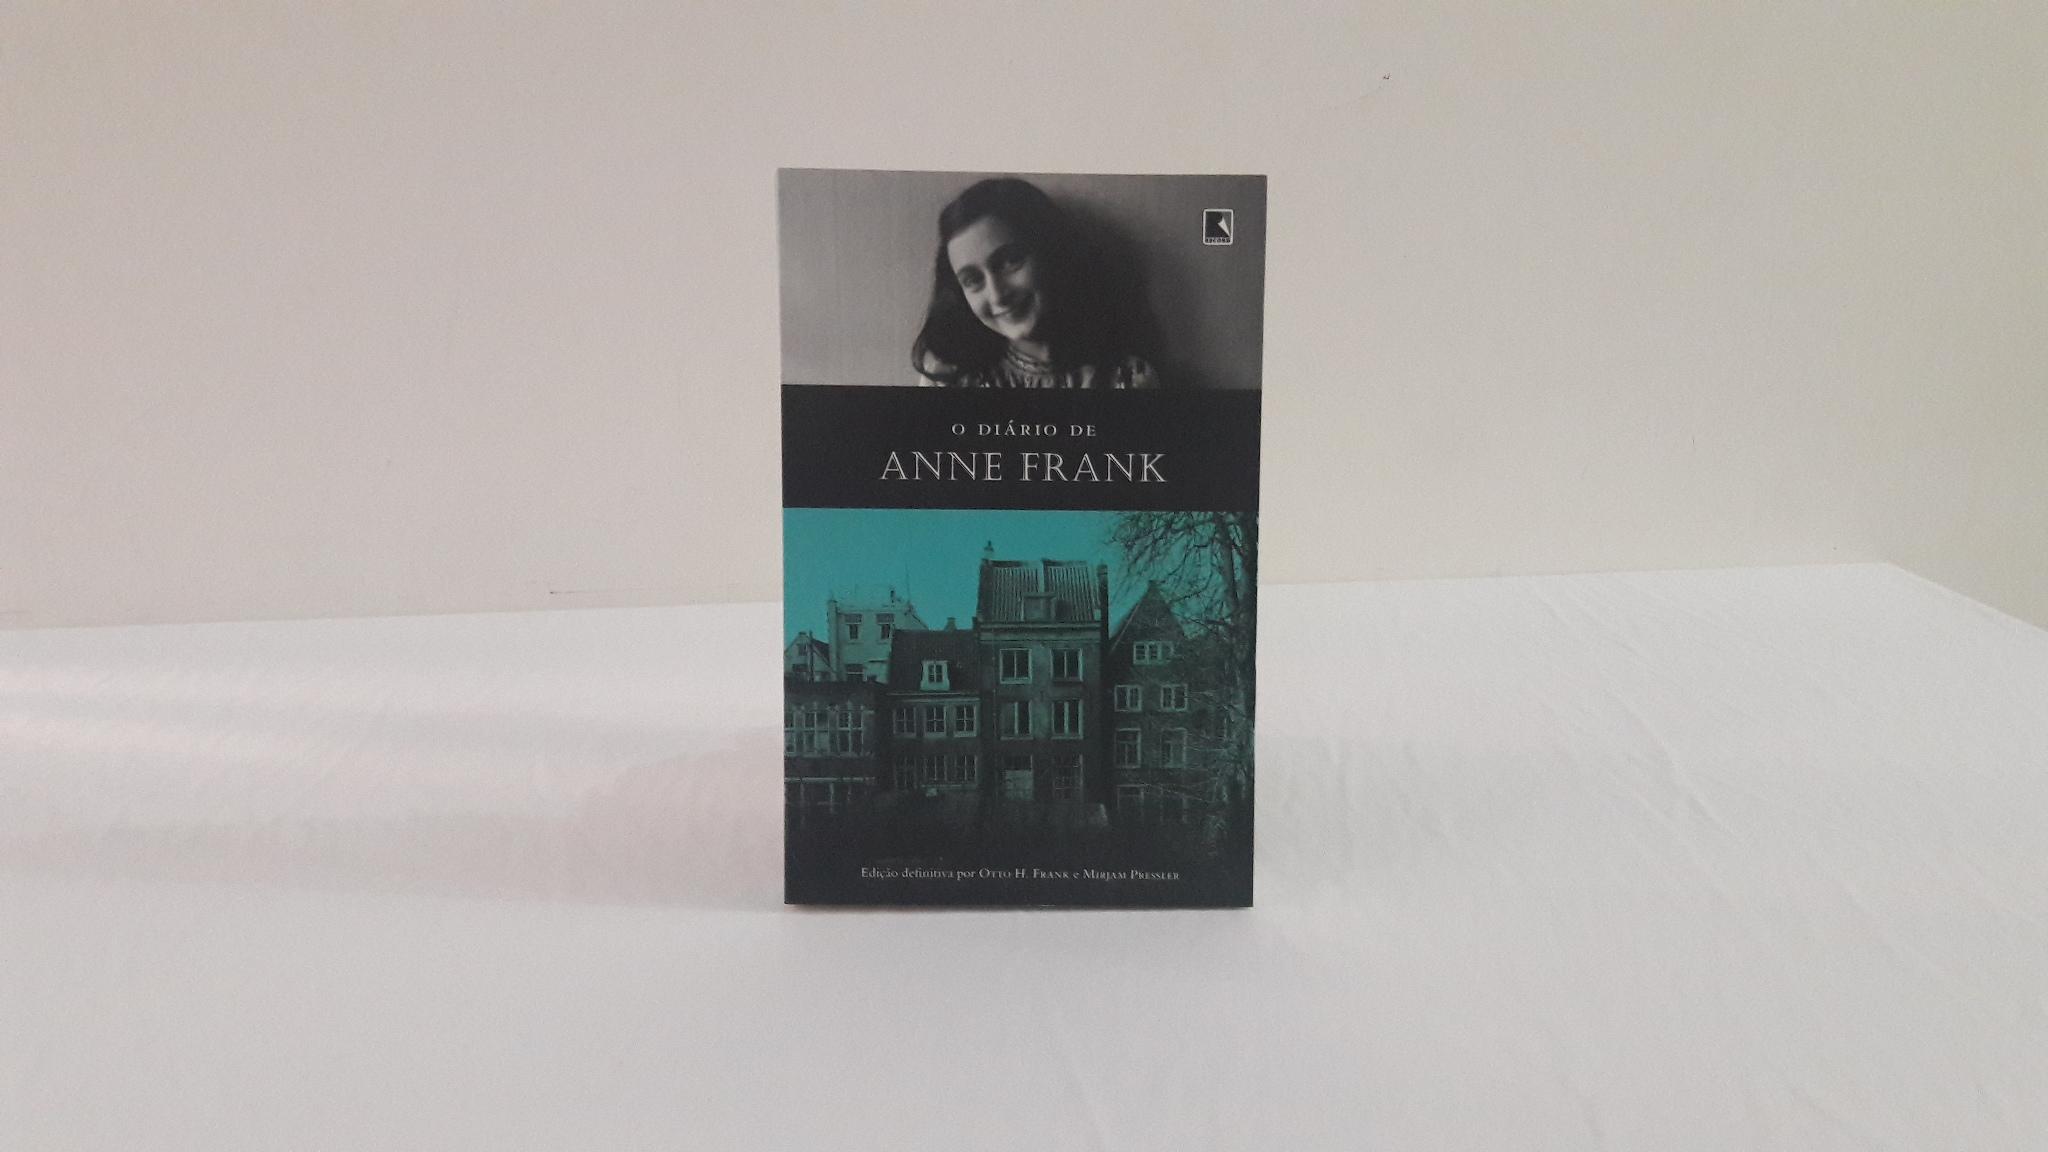 O DIÁRIO DE ANNE FRANK - ED. RECORD